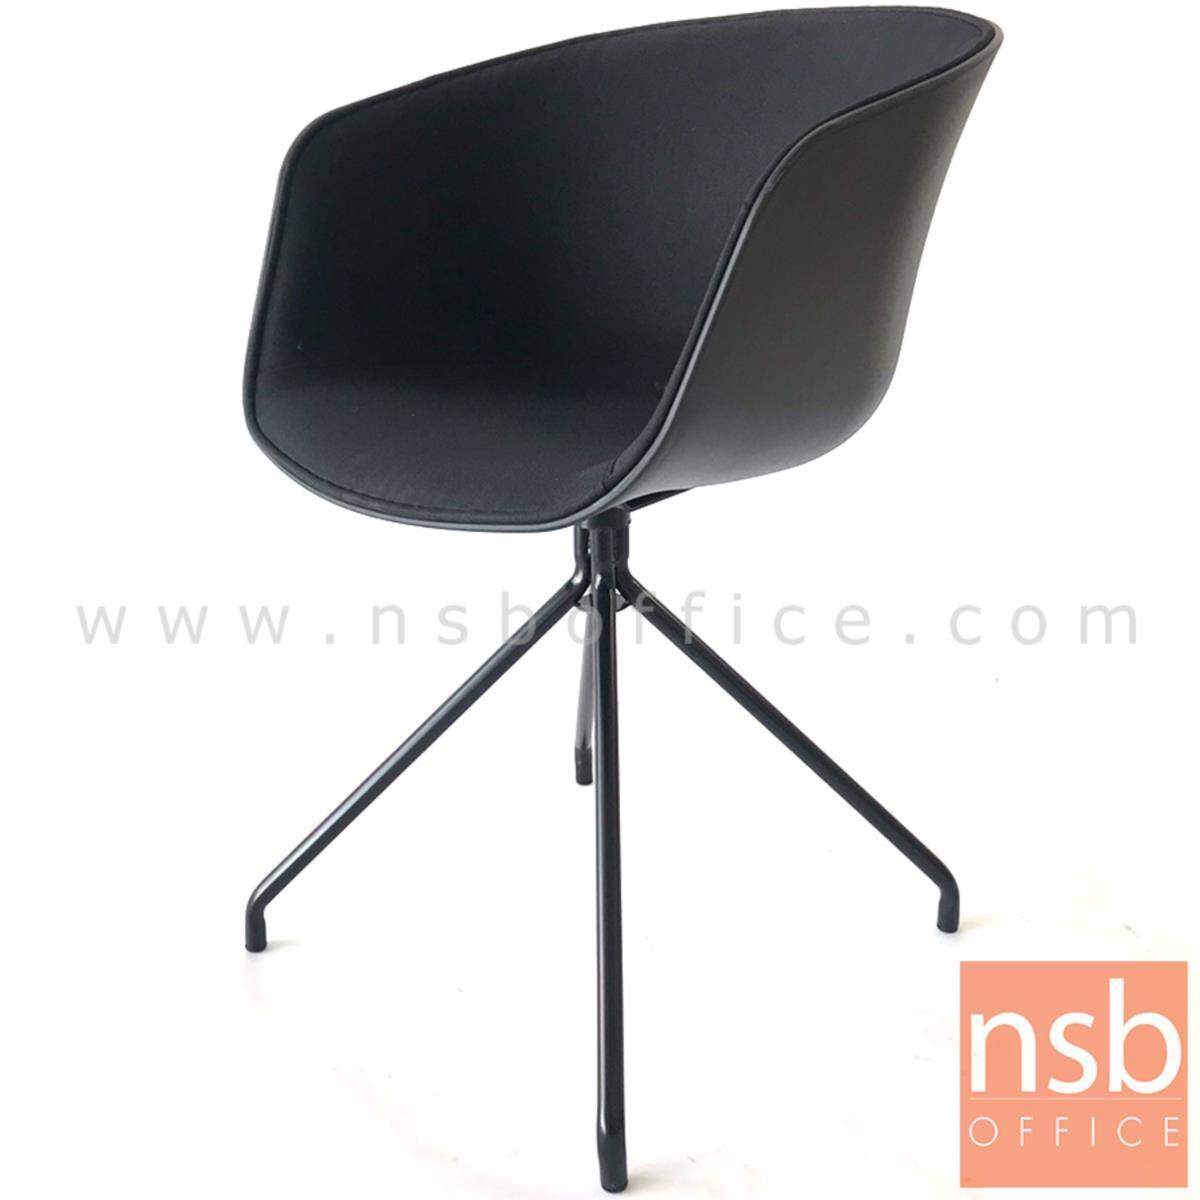 เก้าอี้โพลี่ที่นั่งหุ้มผ้า รุ่น Bonita (โบนิต้า) ขนาด 55W cm. ขาเหล็กดำ